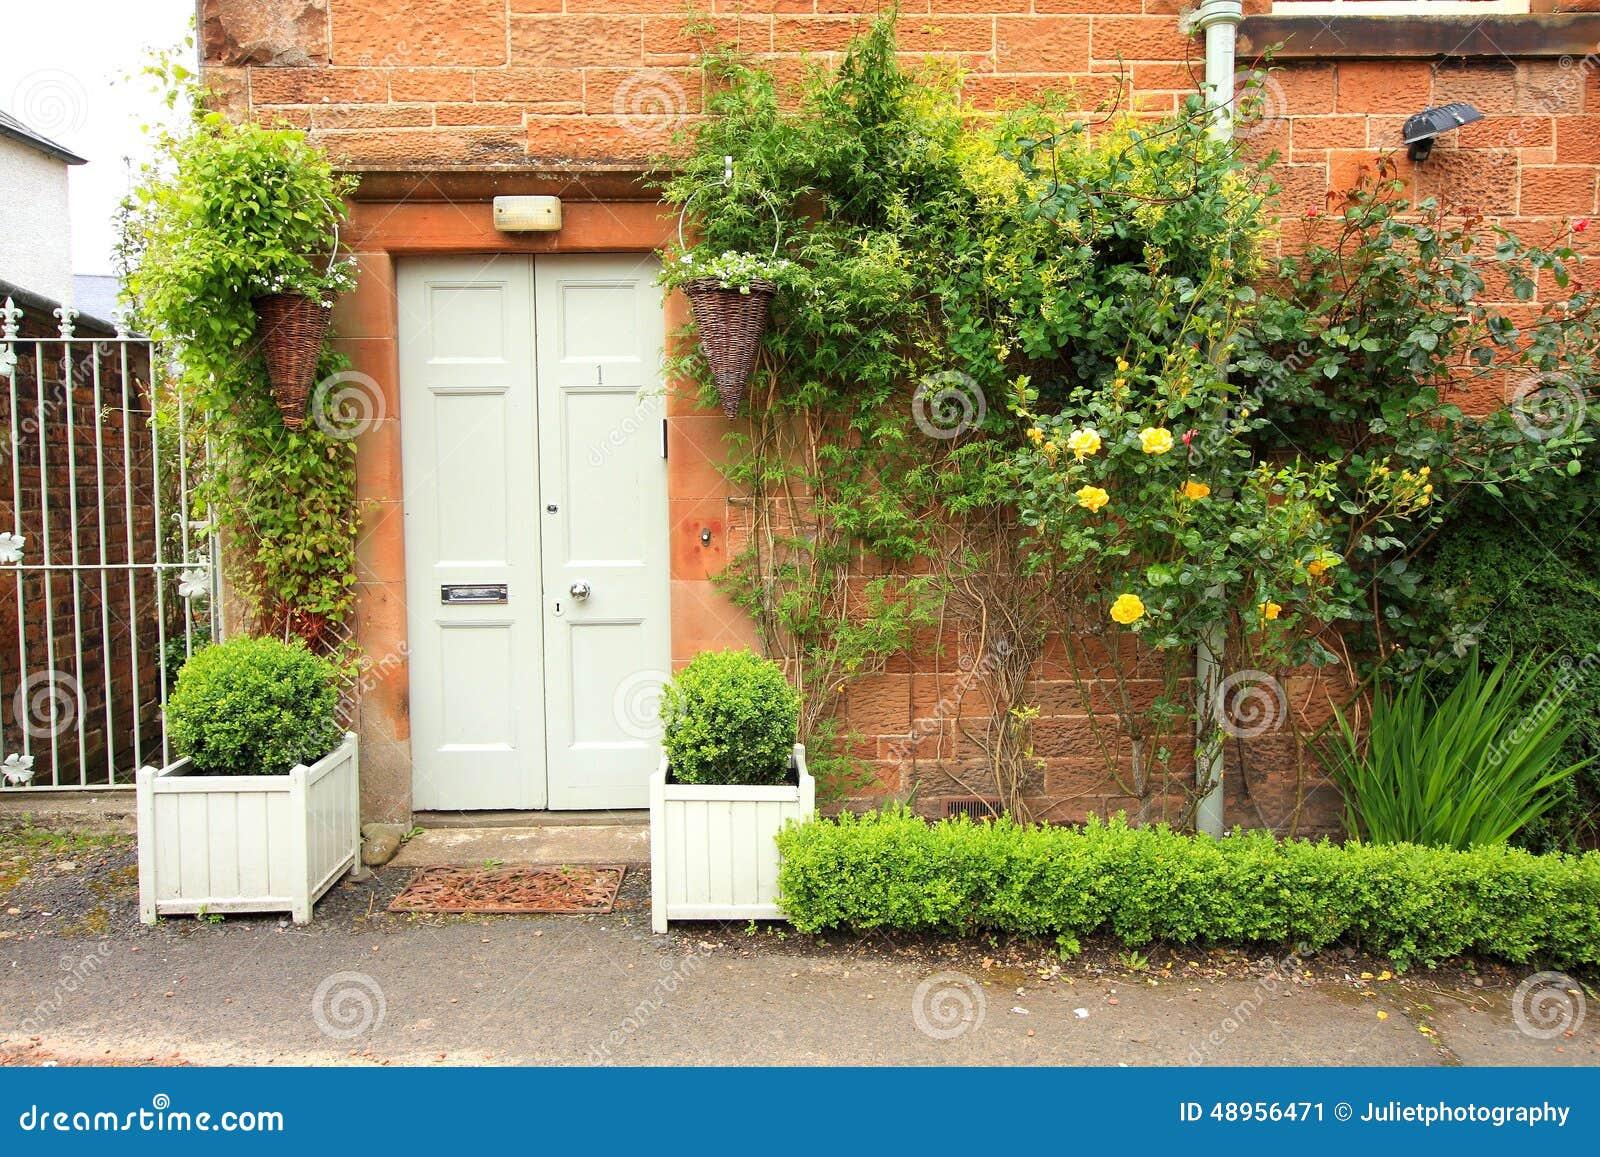 Belle d coration florale devant la maison photo stock - Belle decoration de maison ...